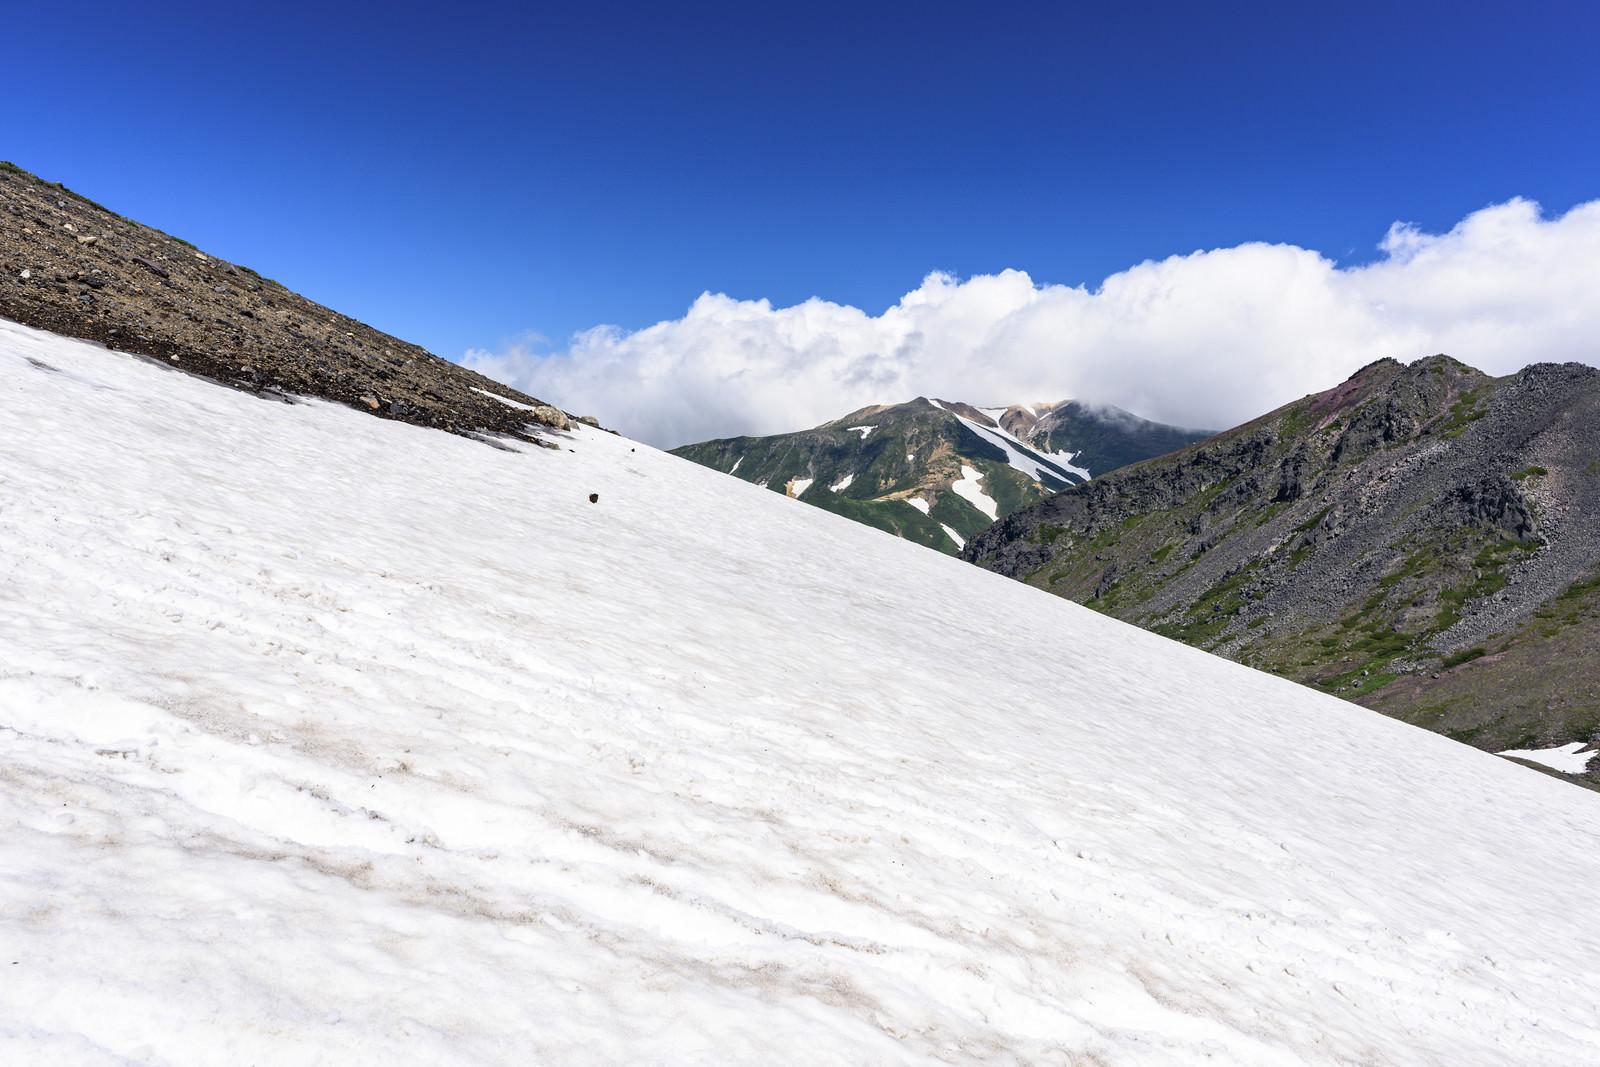 「夏でも雪渓が残る旭岳(あさひだけ)」の写真